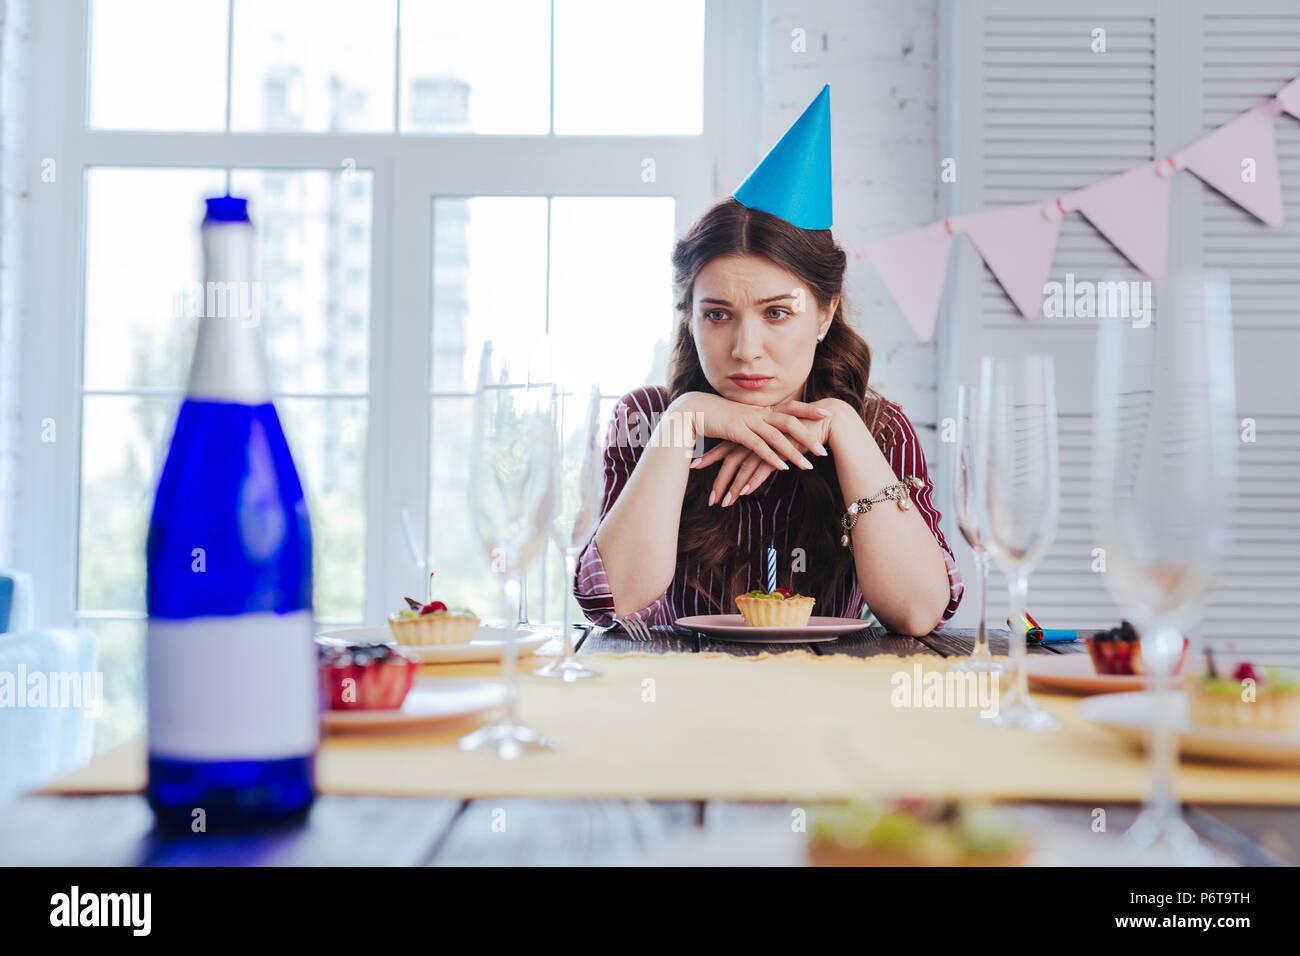 Geburtstag Frau Langeweile wartet auf ihre Gäste Stockbild